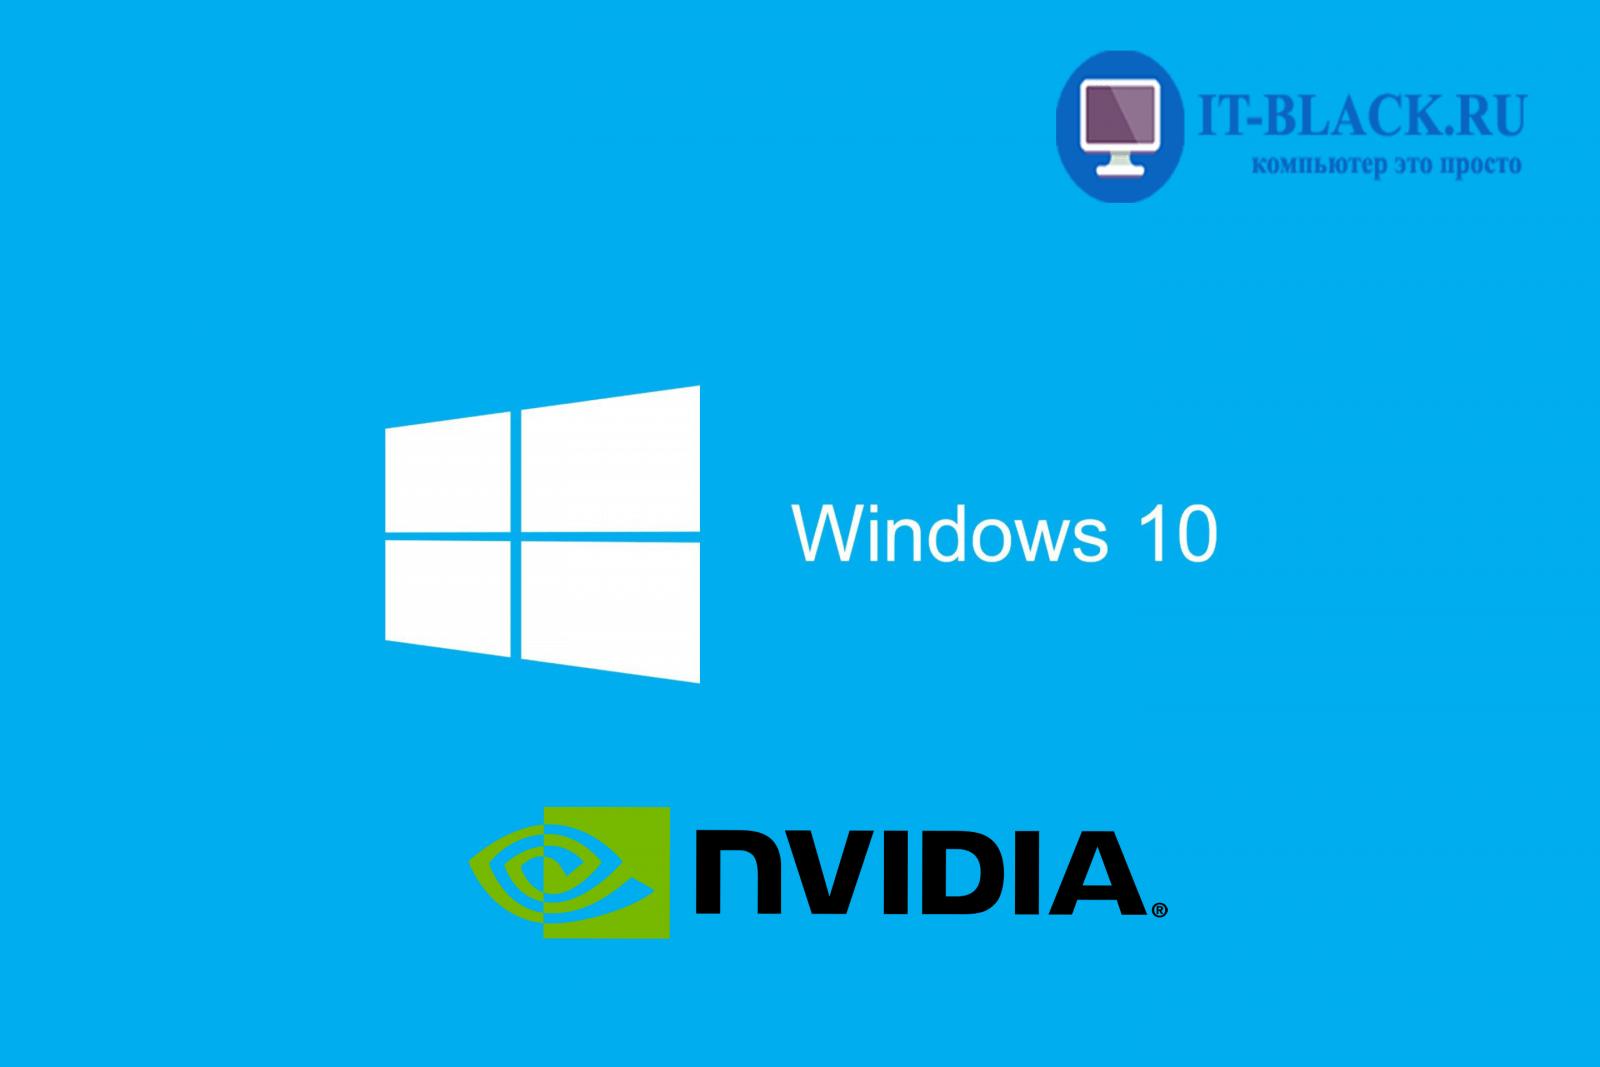 Скачивание и установка драйвера для видеокарты NVIDIA Geforce.